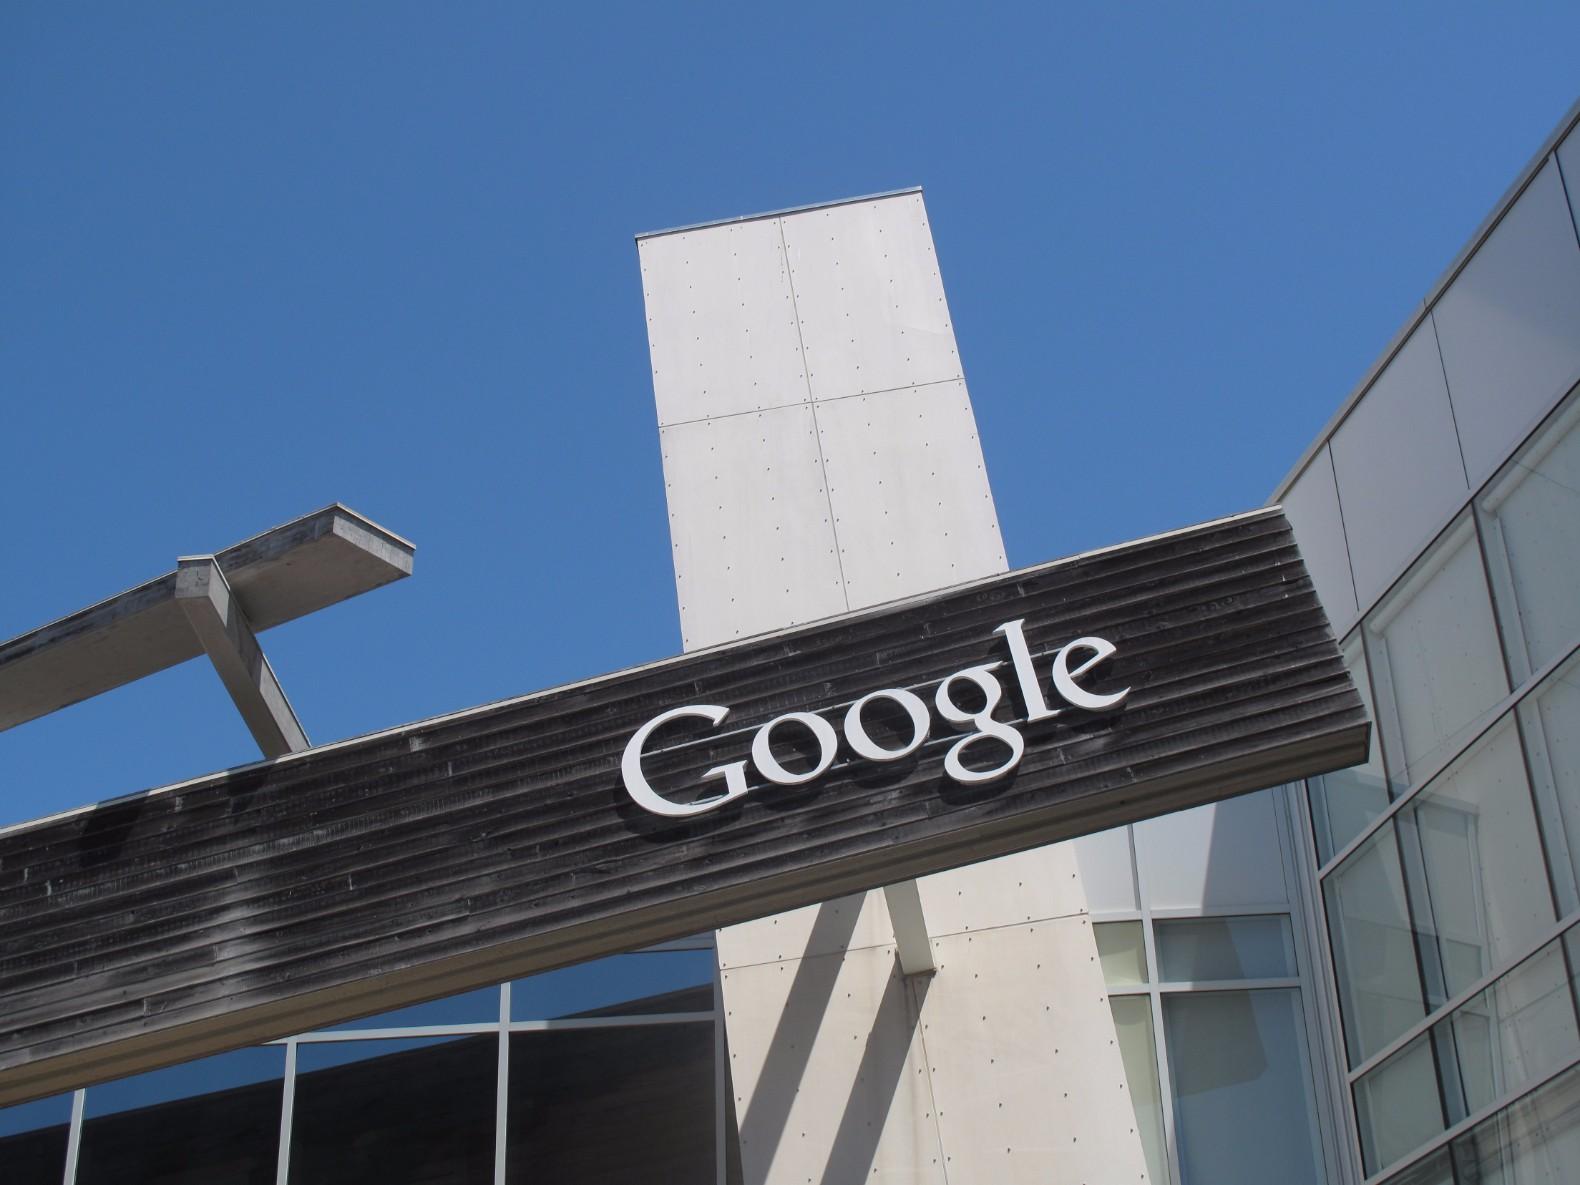 В 2018 году Google полностью откажется от энергии ископаемого топлива…